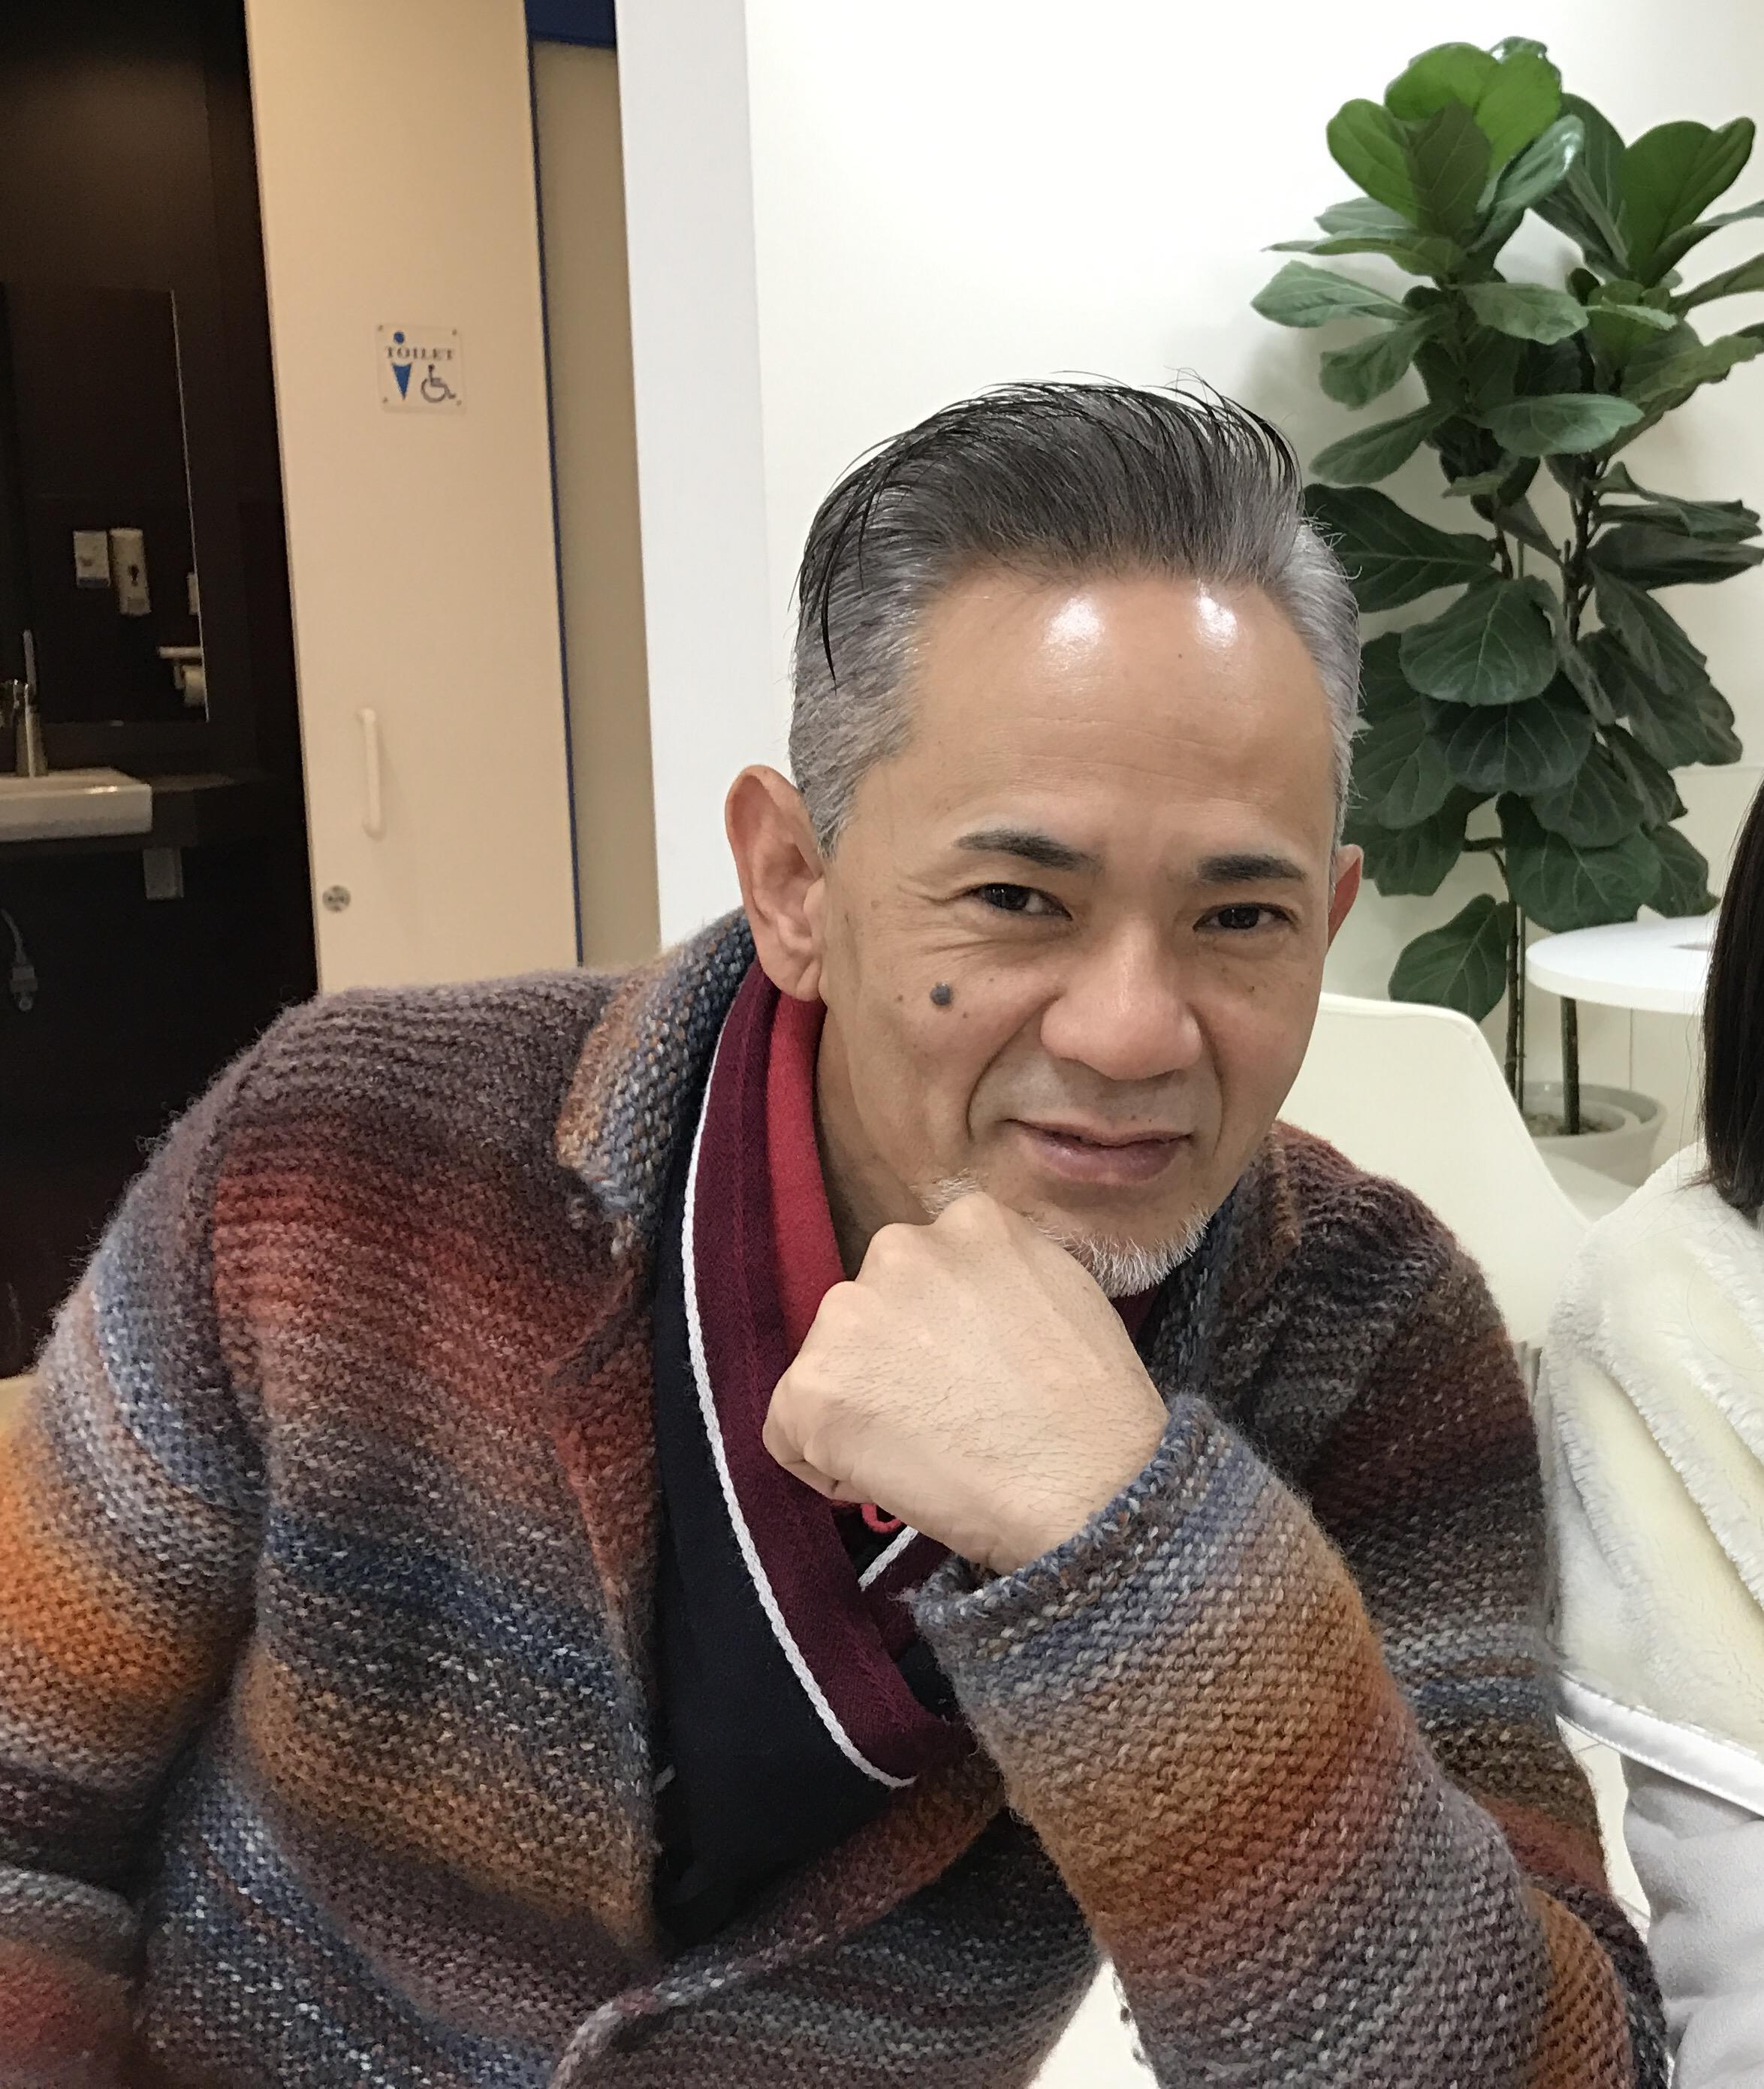 今日は 沖縄も肌寒い1日でした1日でした。 昨日まで お客さまがいらしておりましたが、 なんと、、、先生が着ているセーター その糸を染めた方だったのです。 日本には 何億という方がいて その中から  出逢う輝蹟 ✨✨ 縁は奇なるもの でも偶然はありません 必然的な出逢い   そのご縁を活かすのが、命の冥利です。